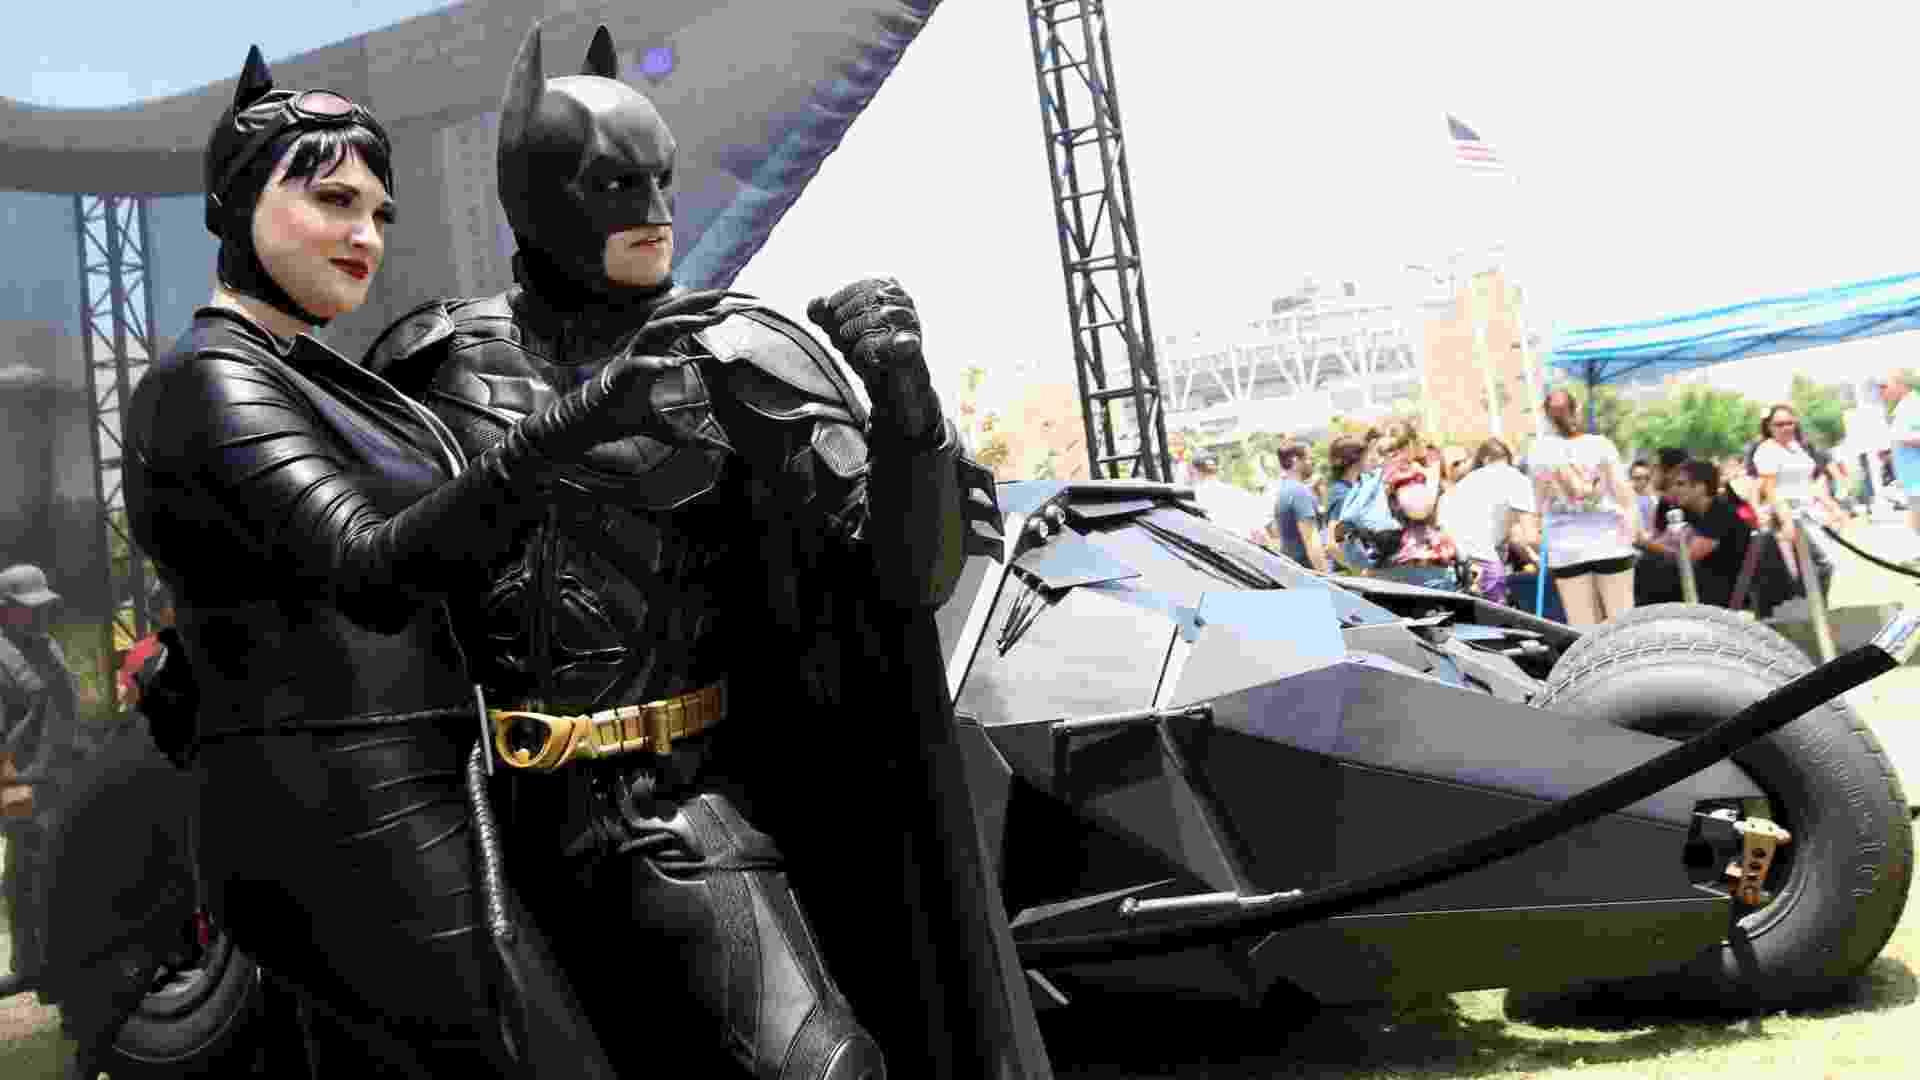 Fãs se vestem como os personagens do HQ Batman no terceiro dia da Comic-Con (14/7/12) - Frazer Harrison/Getty Images/AFP